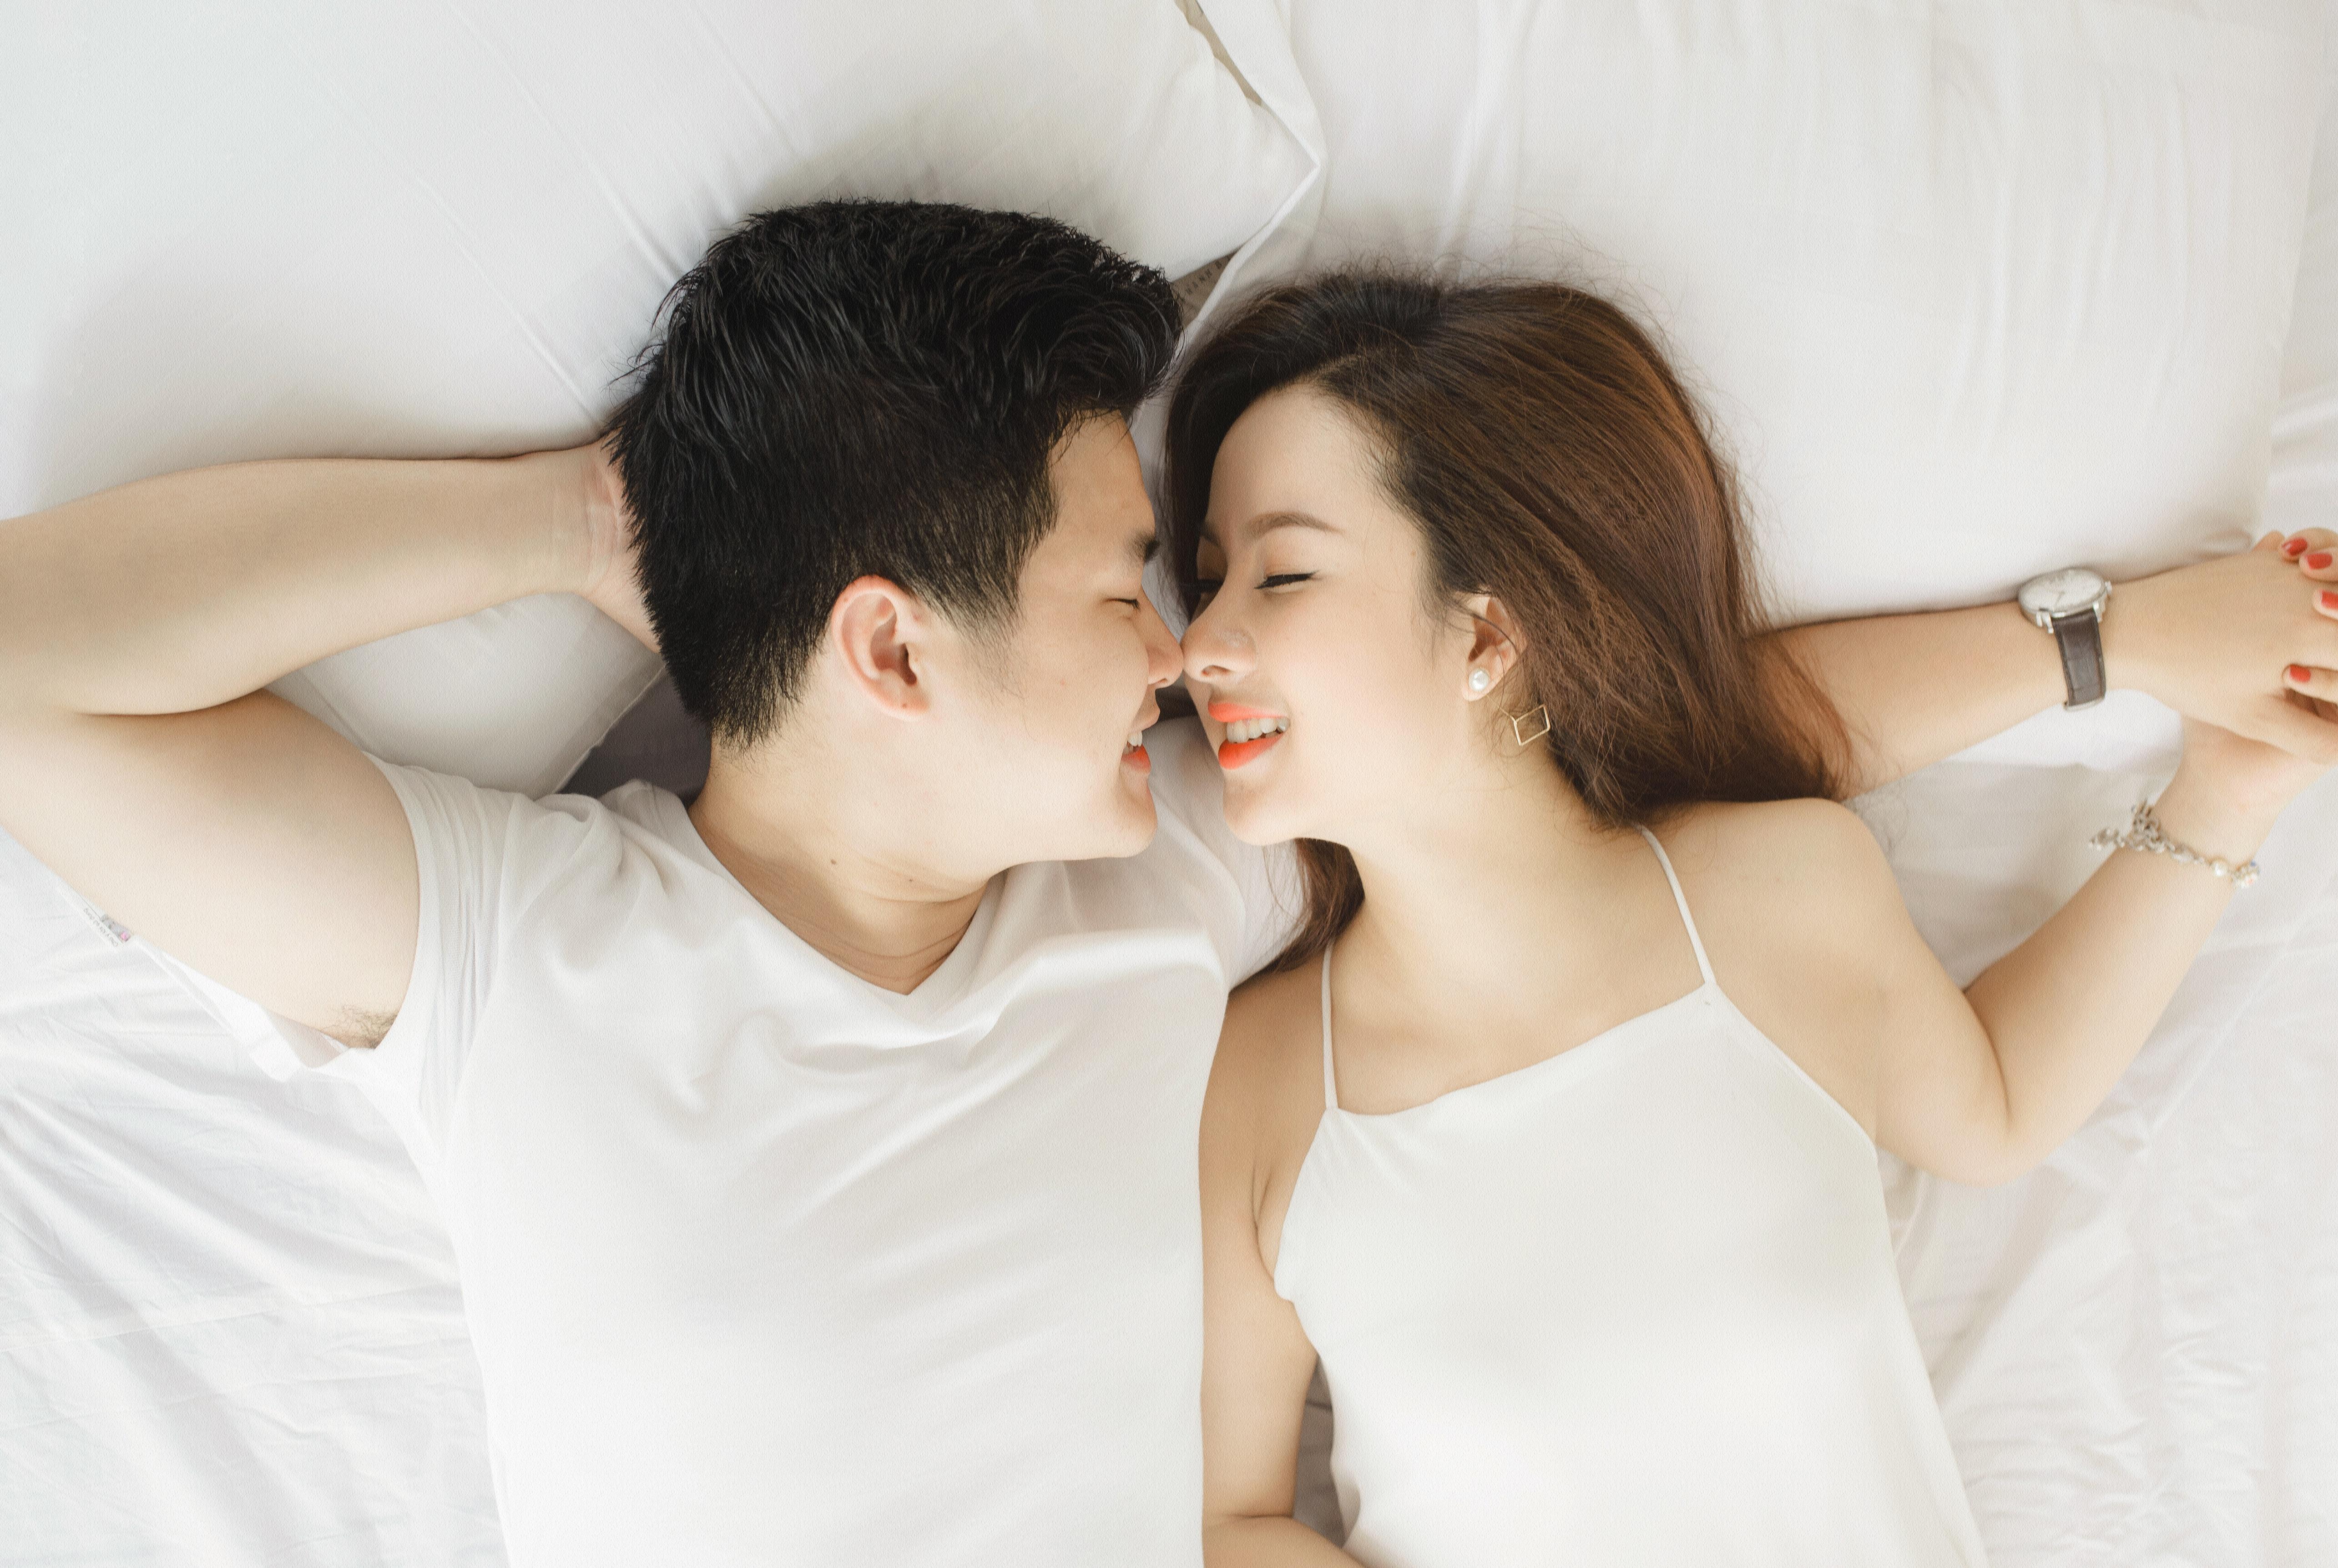 長男長女カップルの相性は?性格が似ている長男と長女の恋愛はうまくいく?